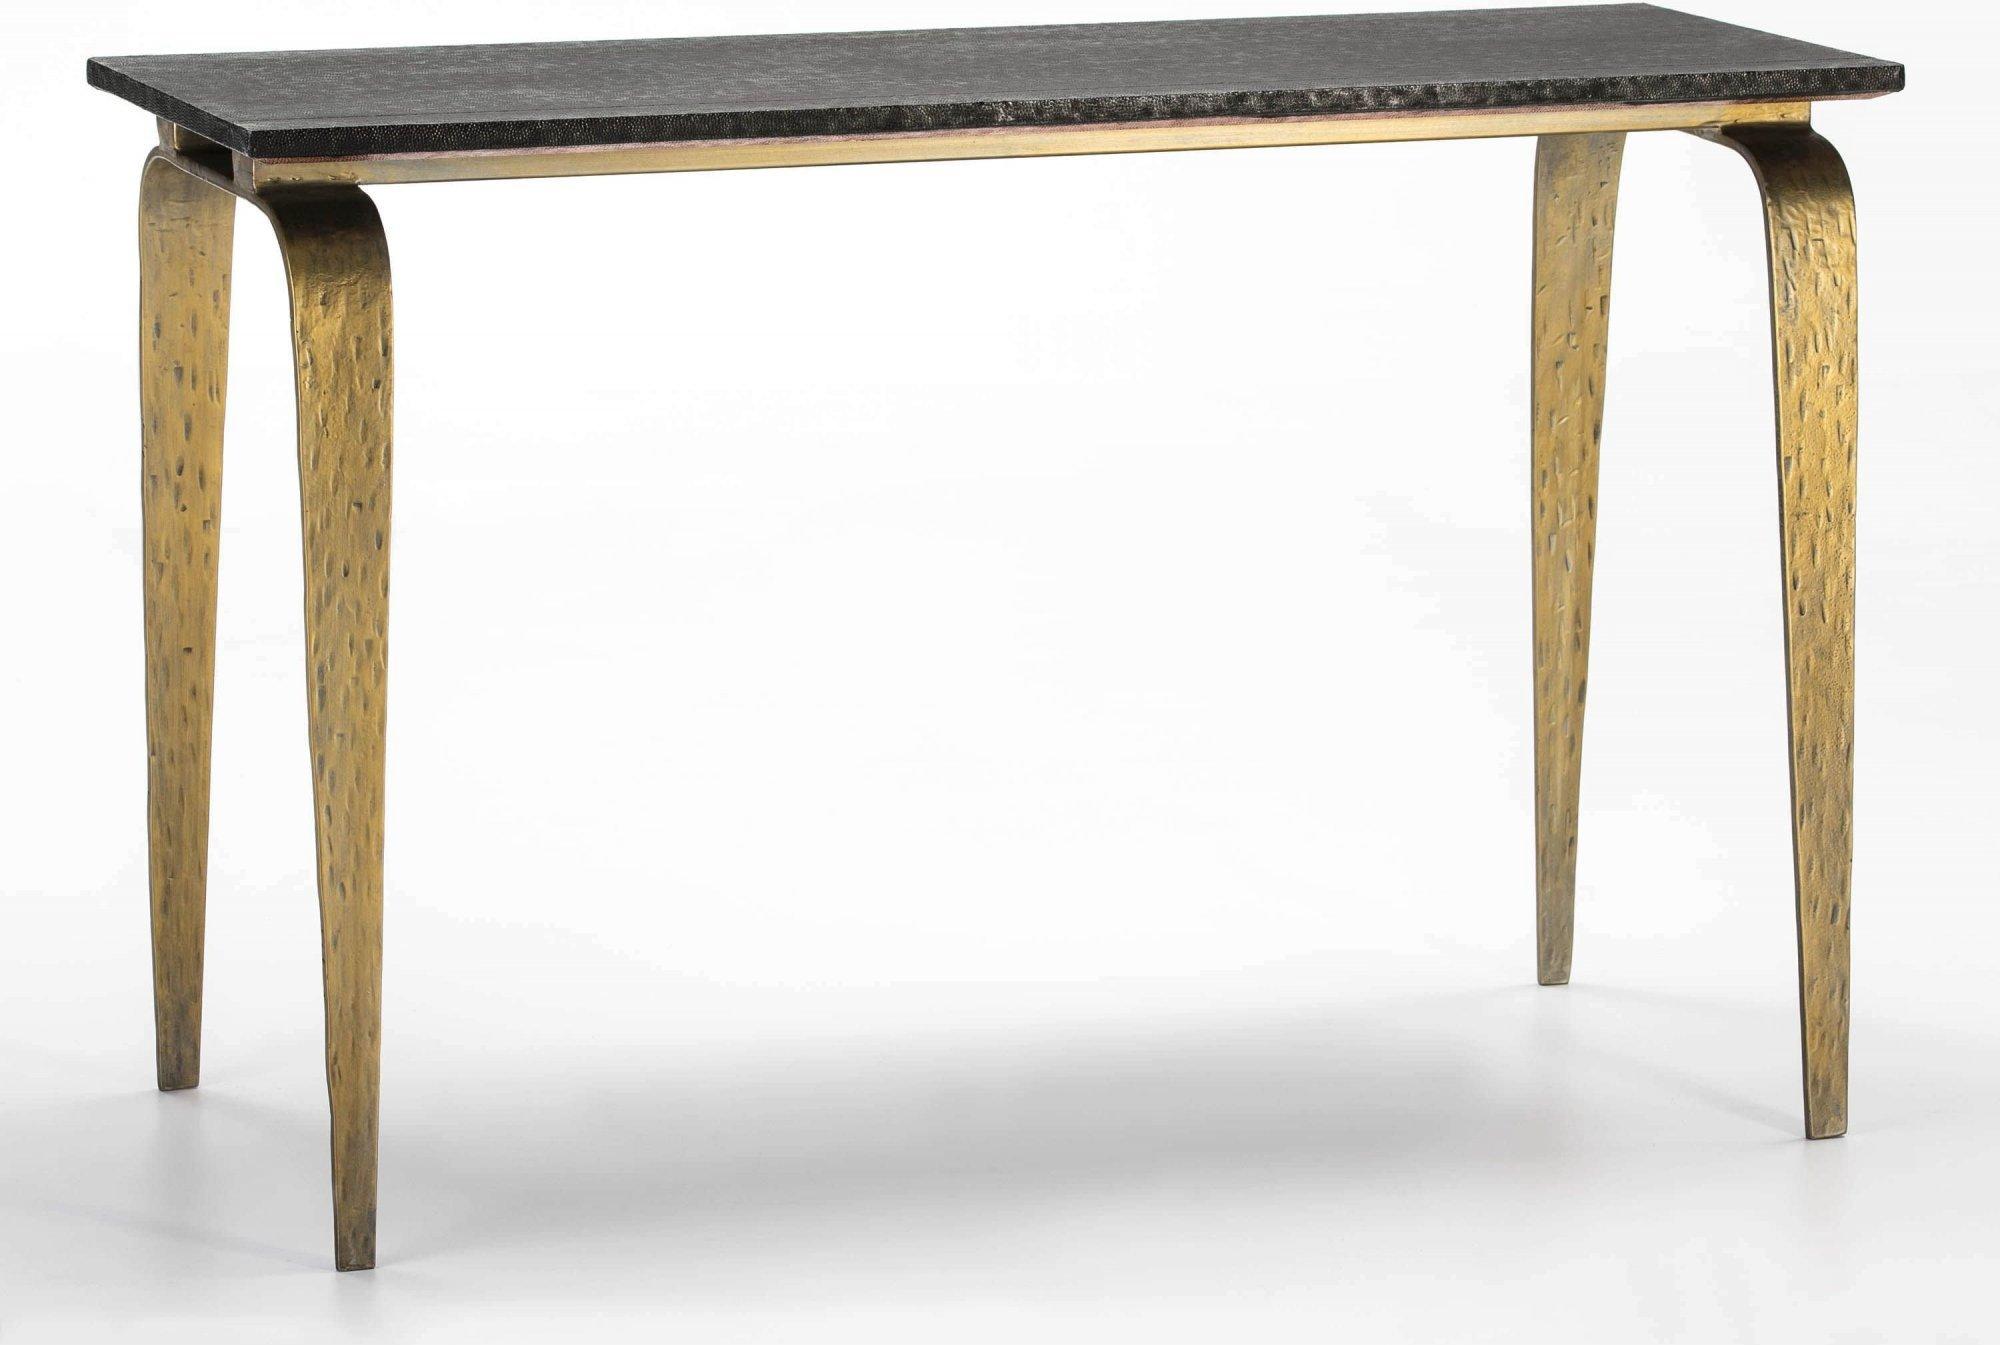 maison du monde Console plateau bois pieds métal doré l119cm